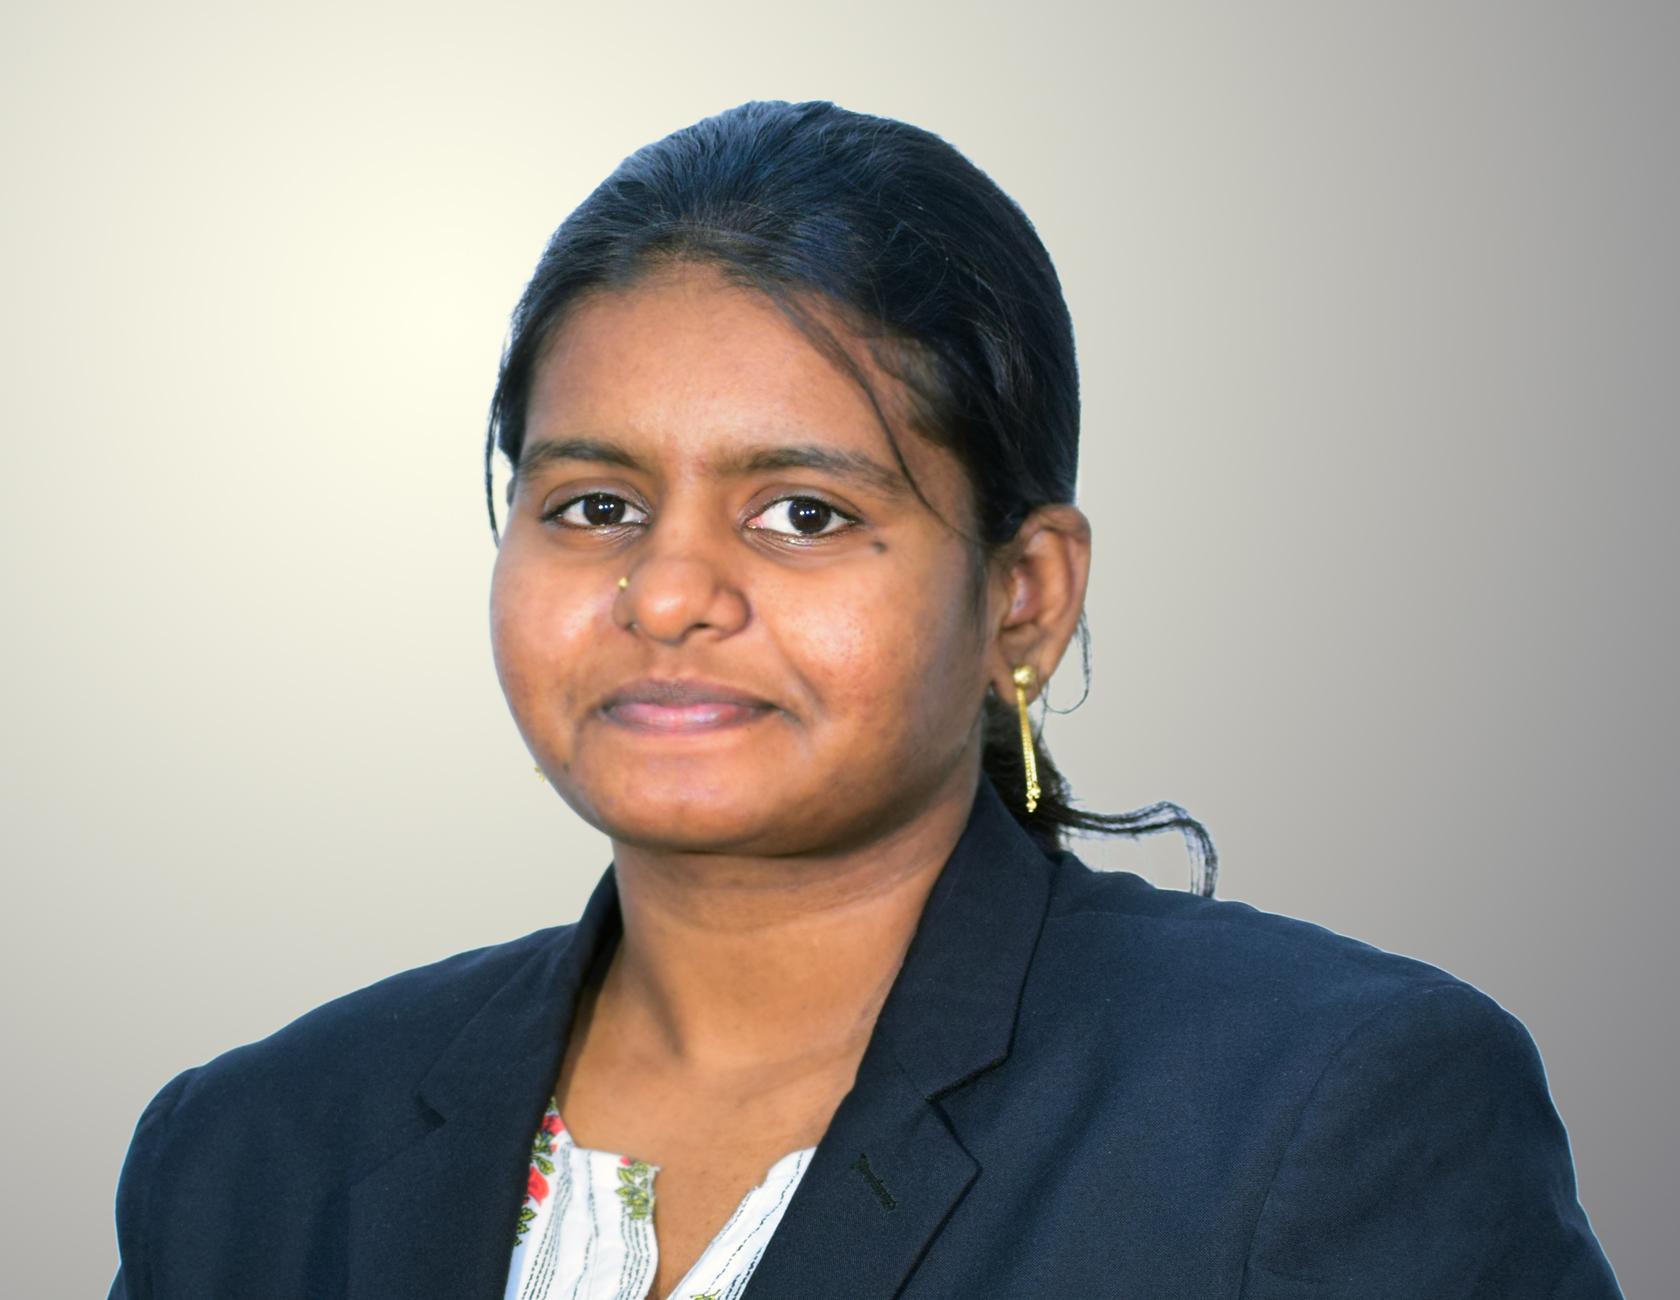 Jyothirmai-Bondada